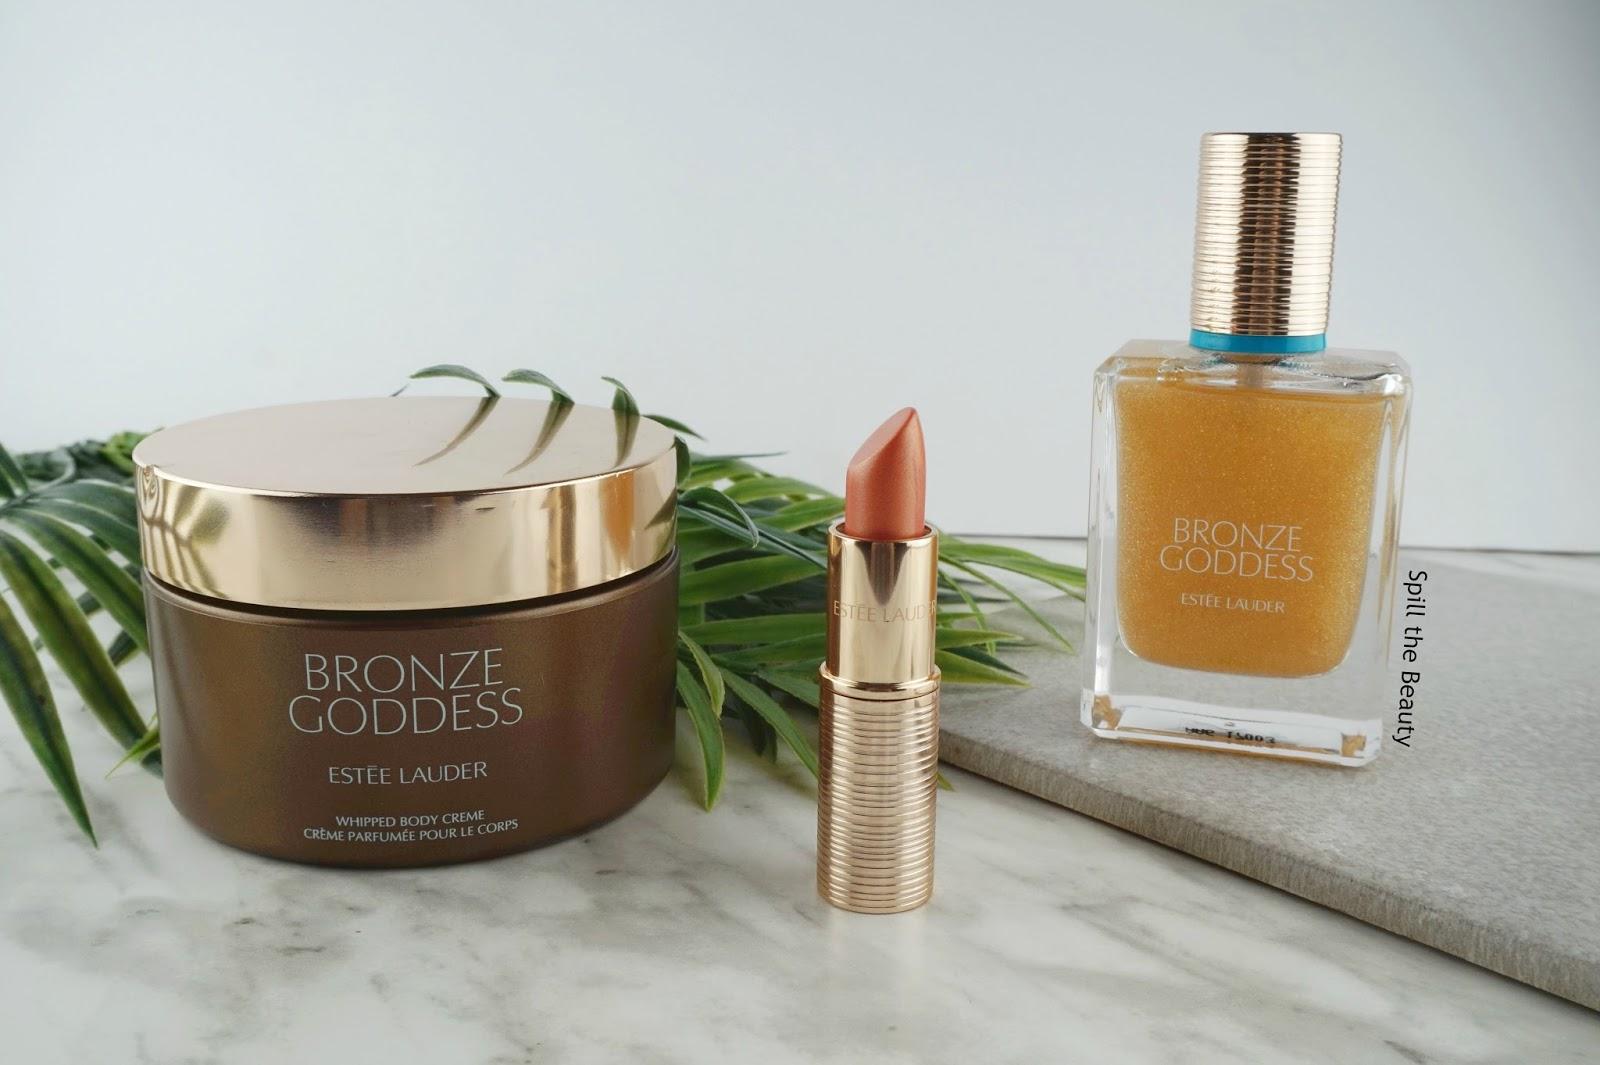 estee lauder bronze goddess makeup fragrance summer 2017 review swatches